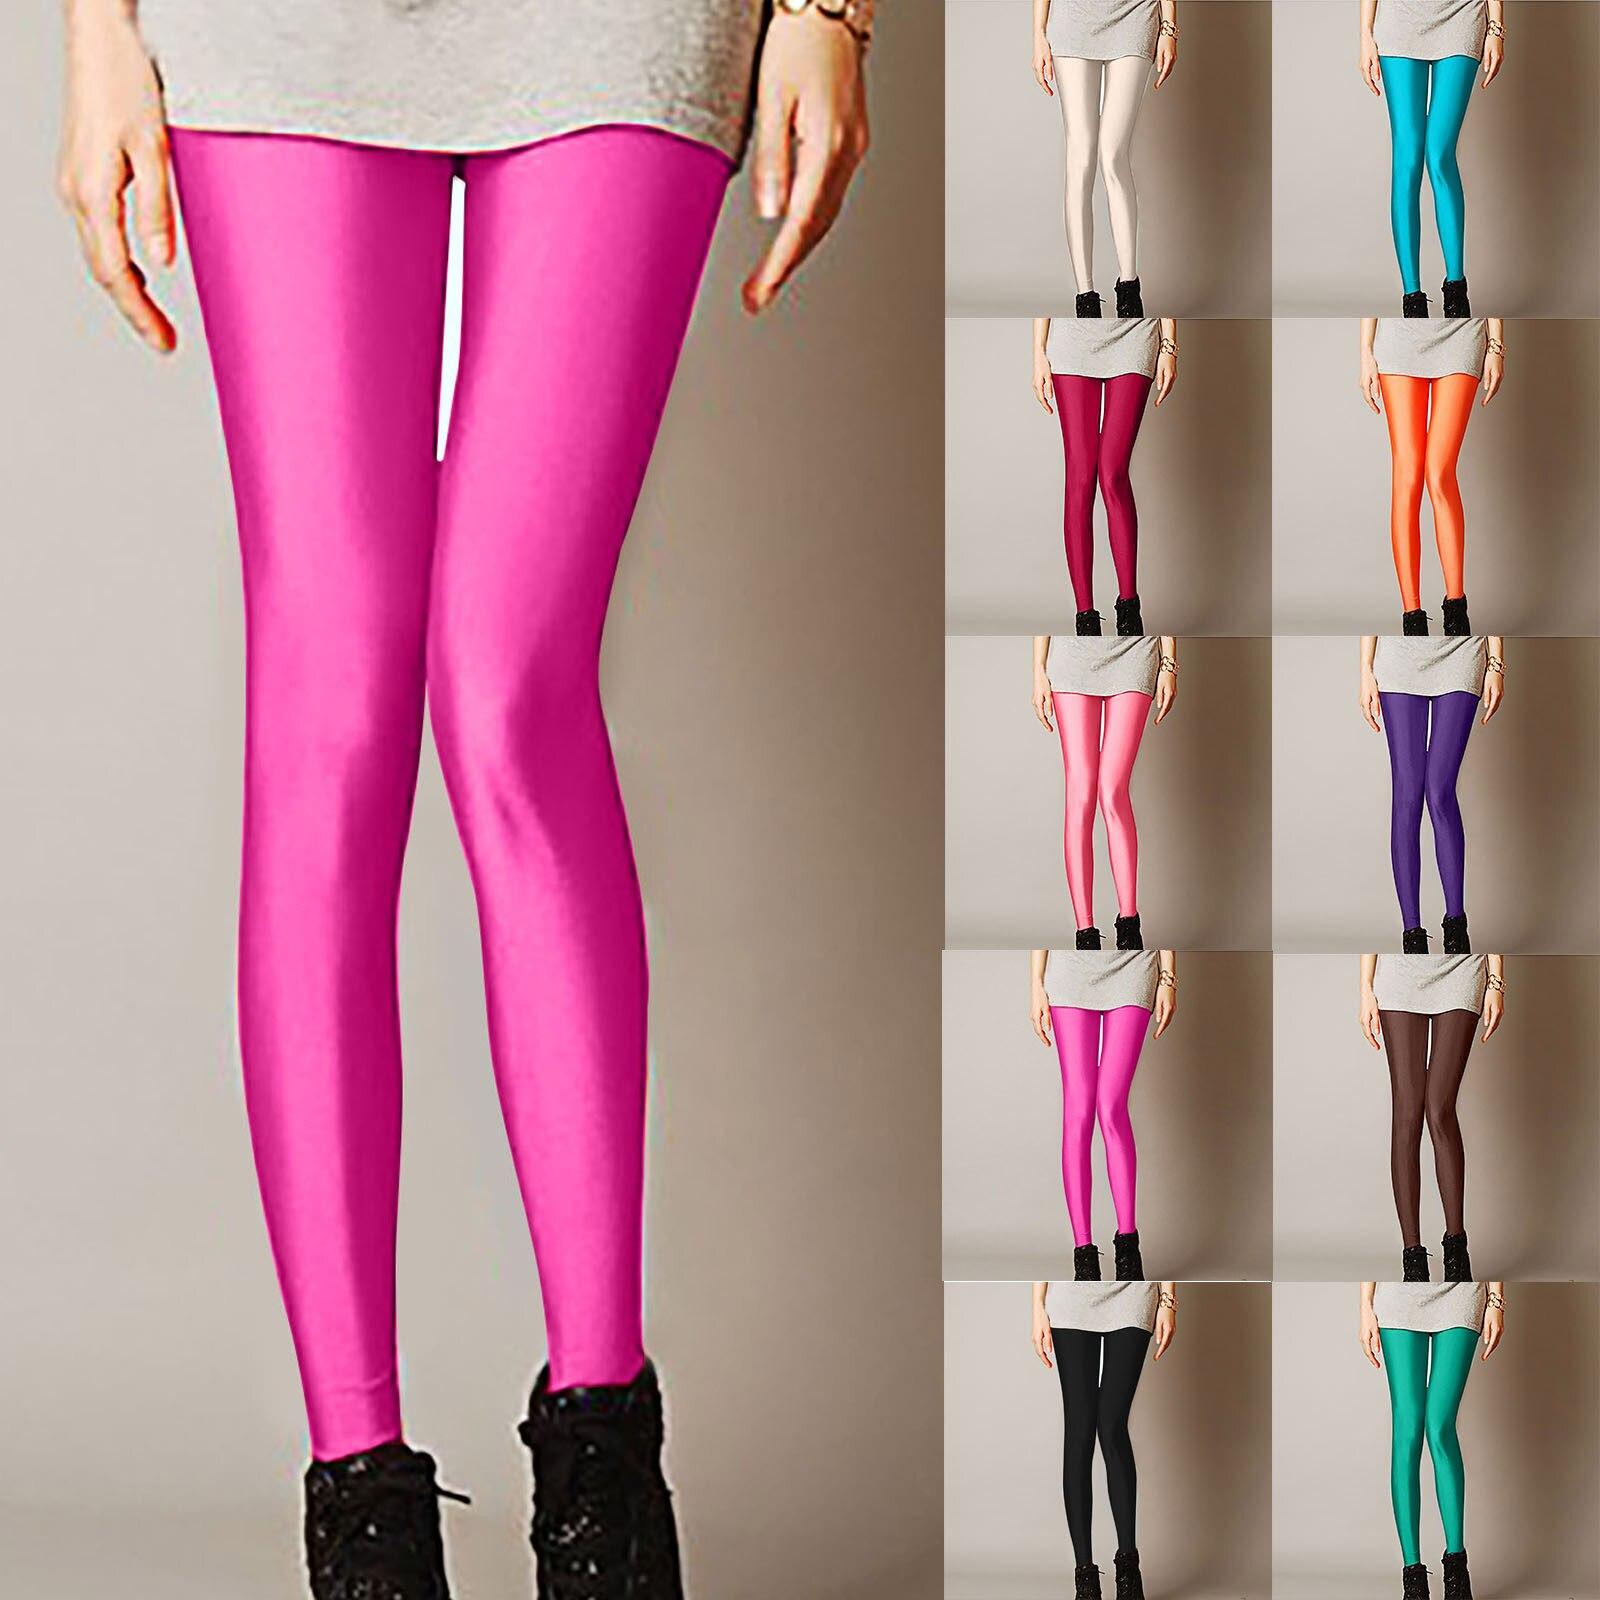 Женские блестящие леггинсы, Лидер продаж, леггинсы, однотонные флуоресцентные эластичные повседневные брюки из спандекса, блестящие легги...